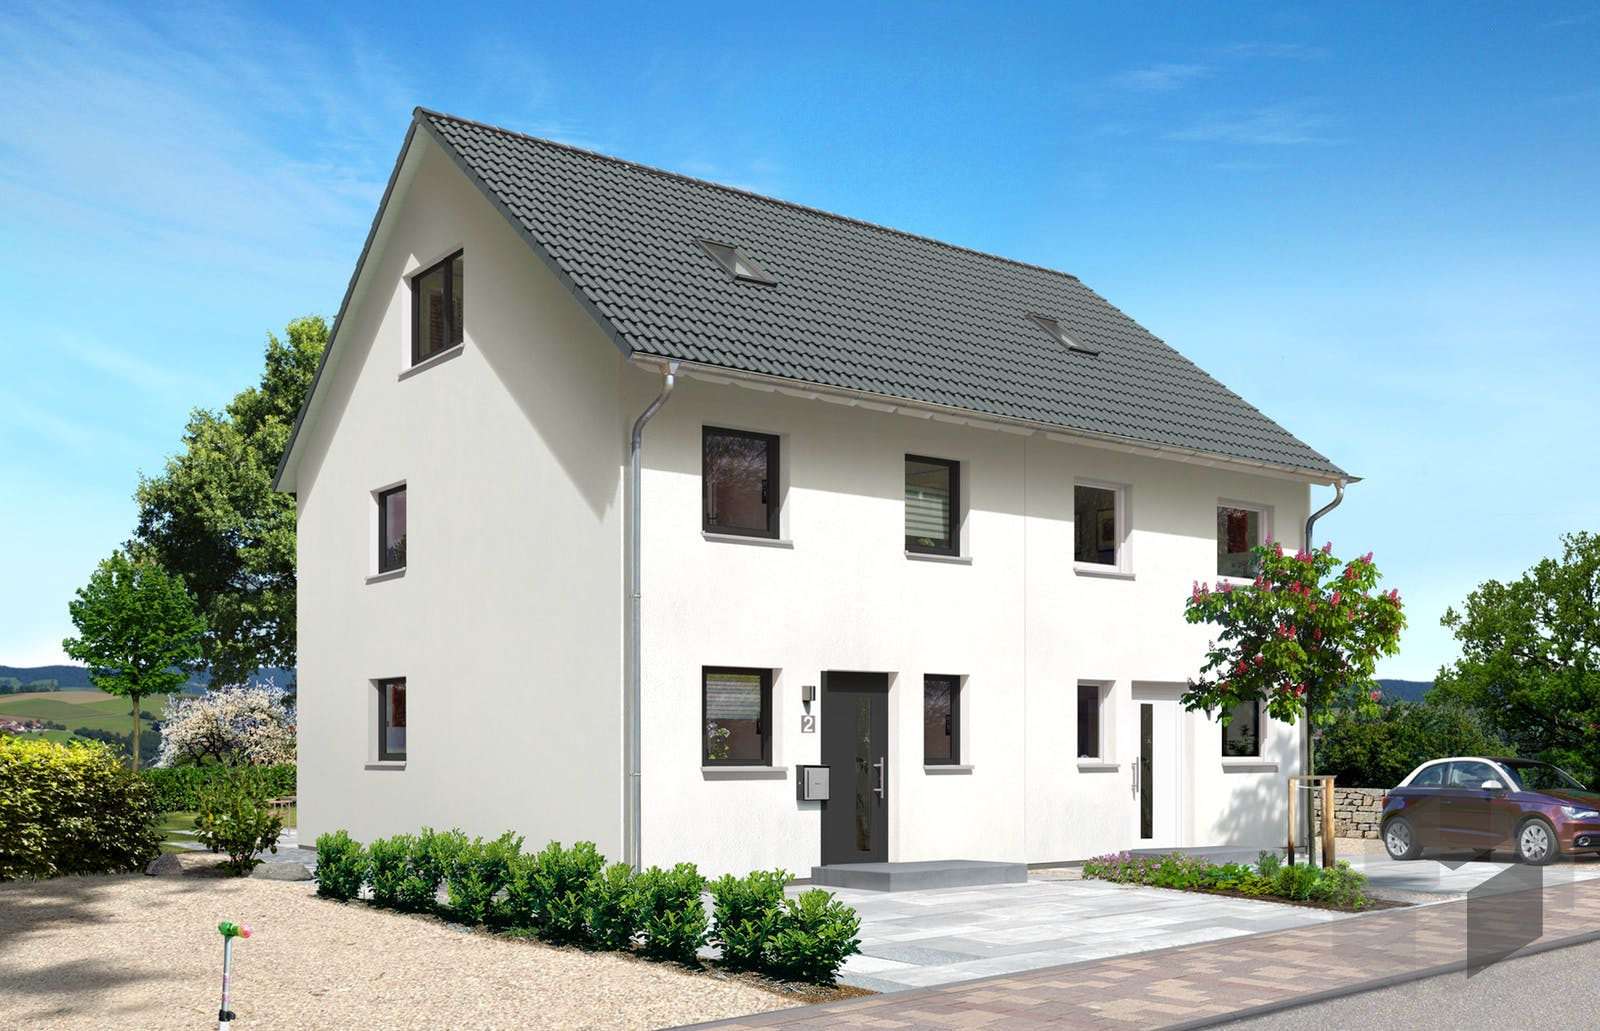 mainz 128 doppelhaus von town country haus komplette daten bersicht. Black Bedroom Furniture Sets. Home Design Ideas